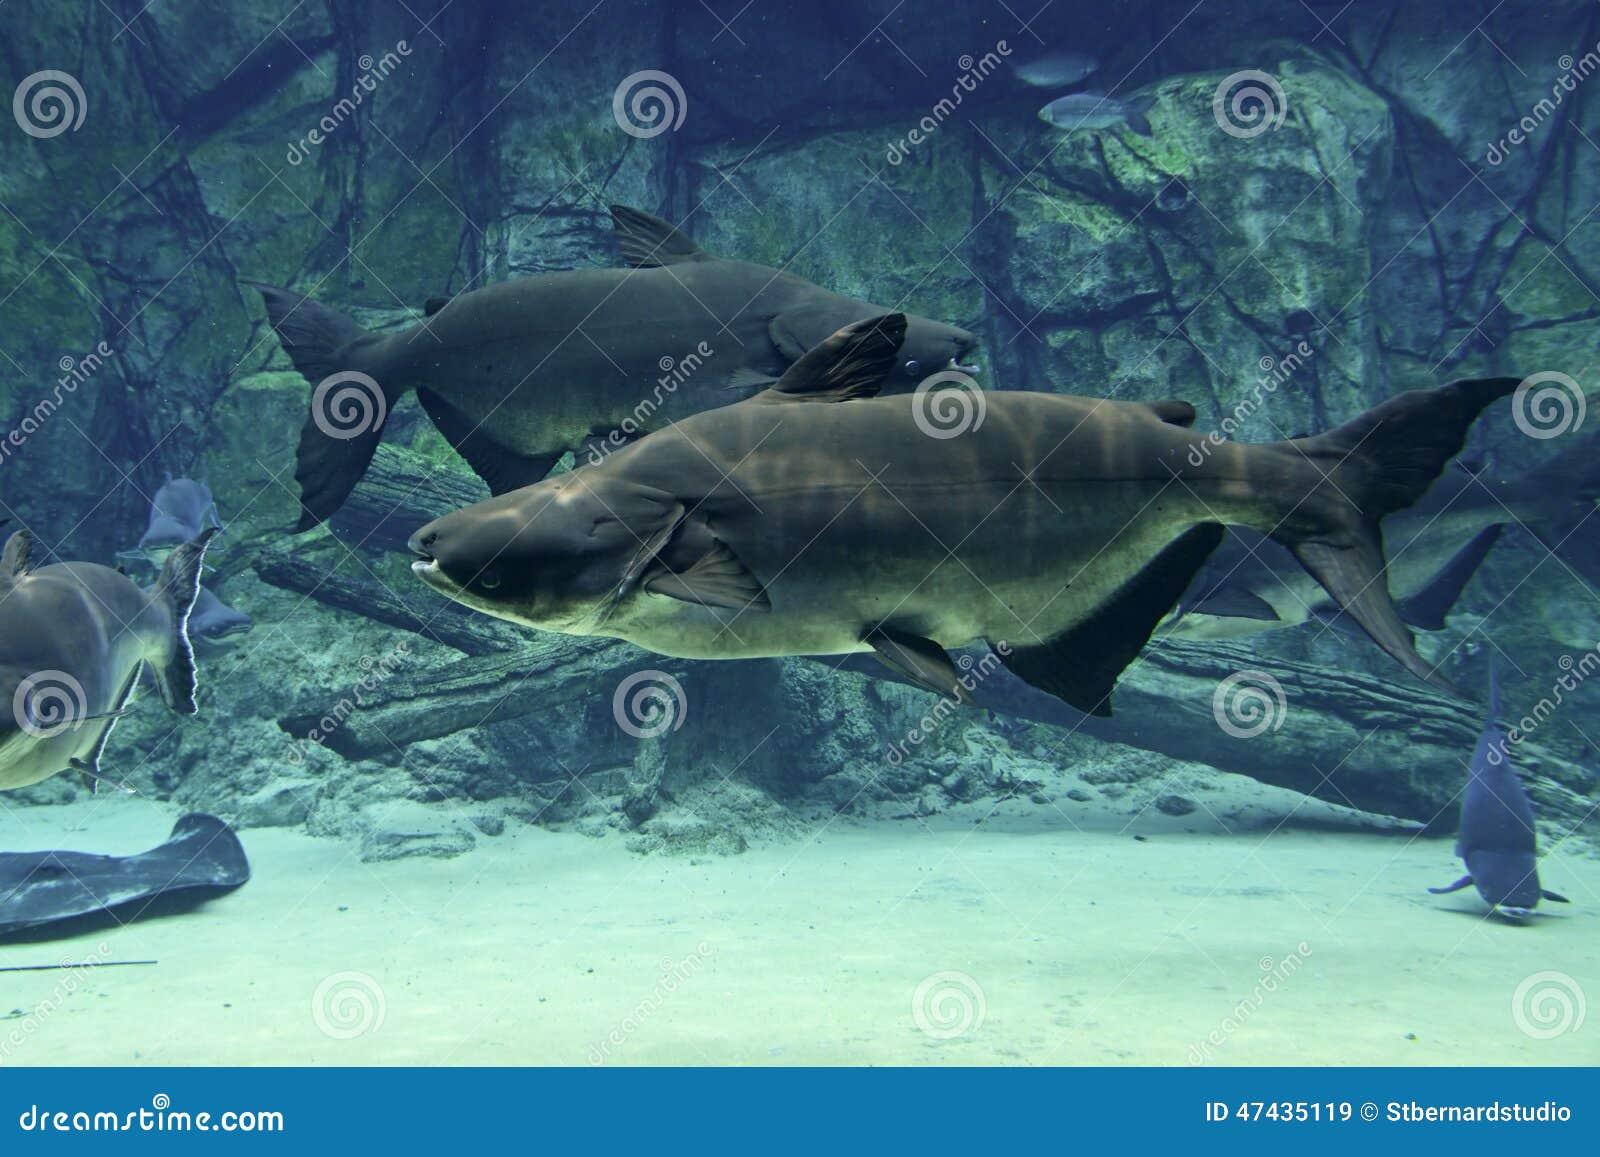 Een paar van Mekong reuzekatvis die regelmatig in tegenovergestelde richting zwemmen